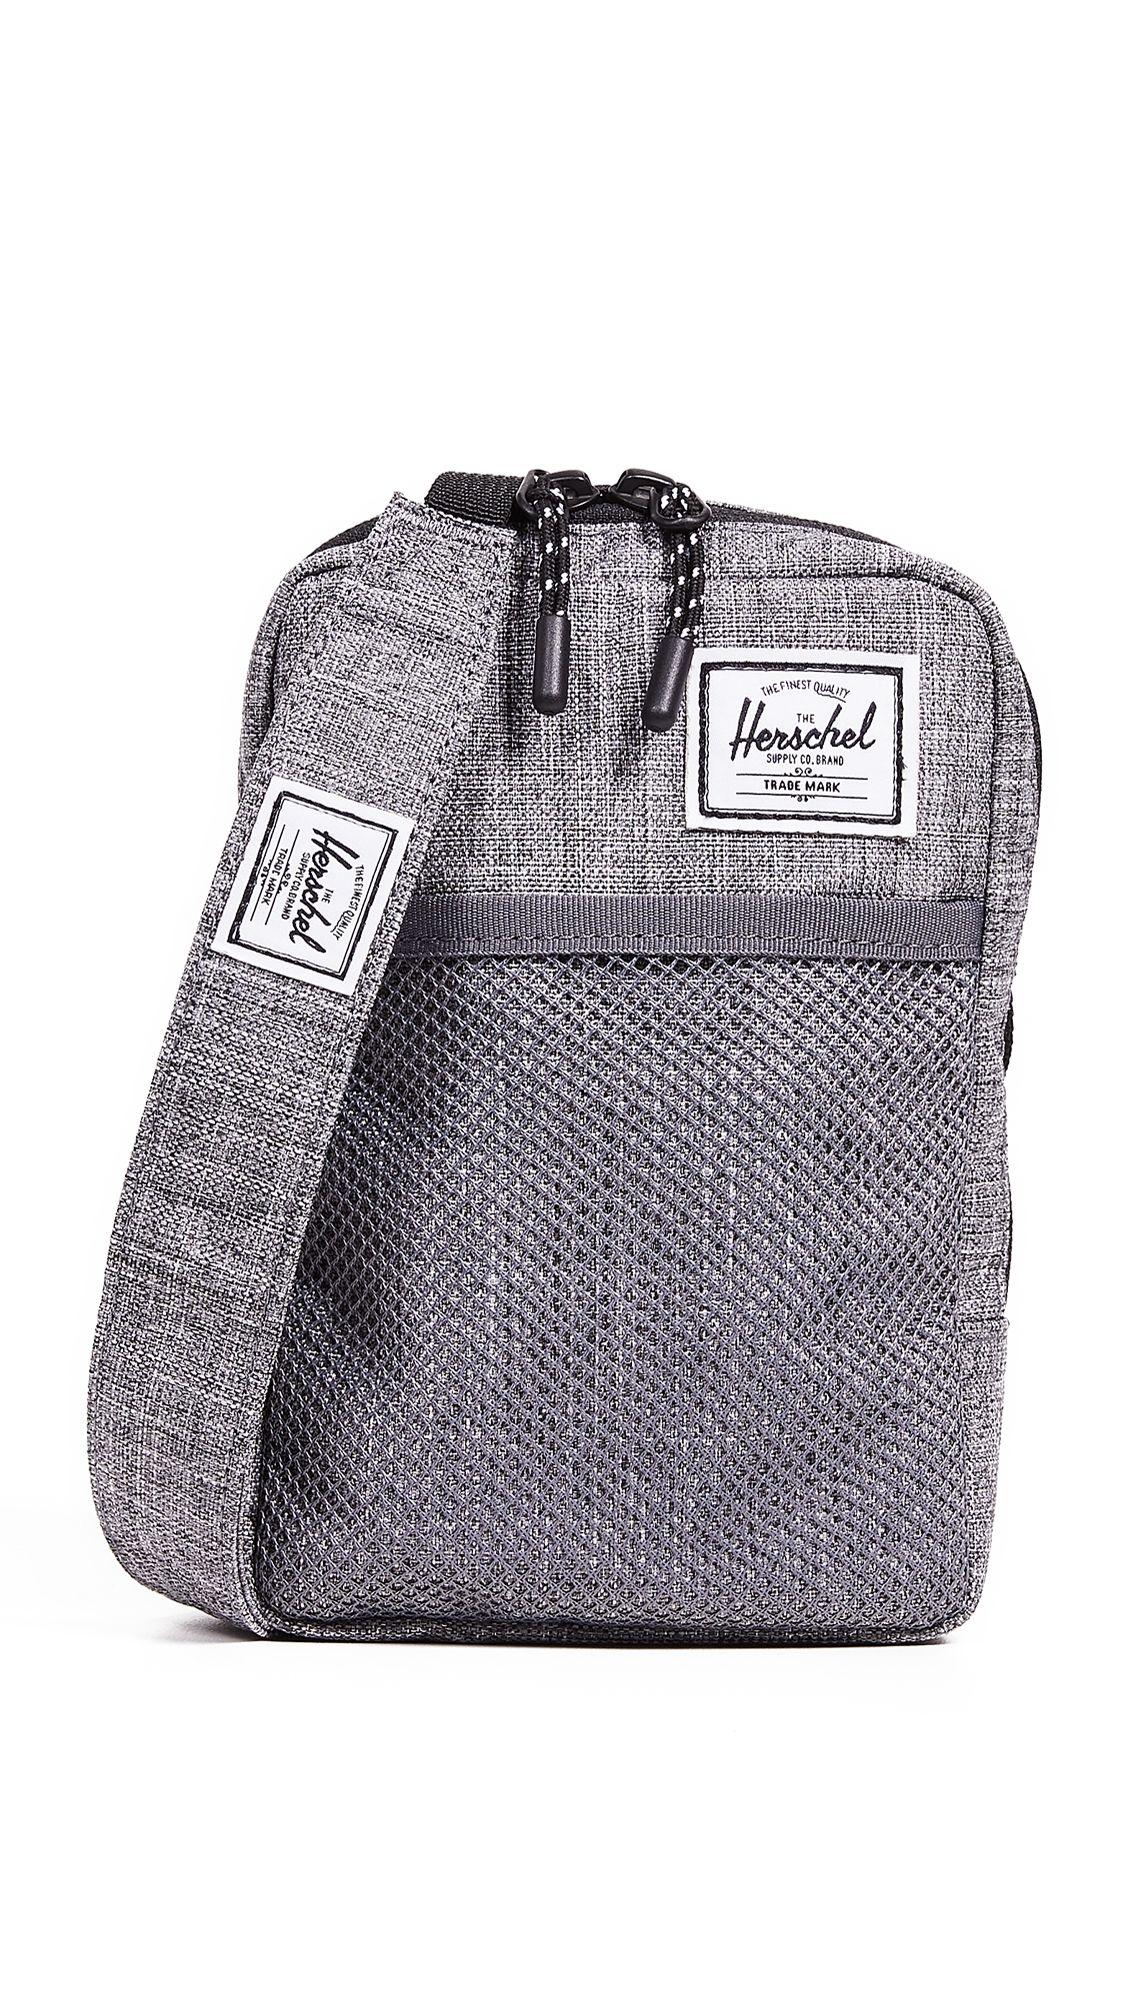 d5568b21aa9 HERSCHEL SUPPLY CO. SINCLAIR BAG.  herschelsupplyco.  bags  shoulder bags